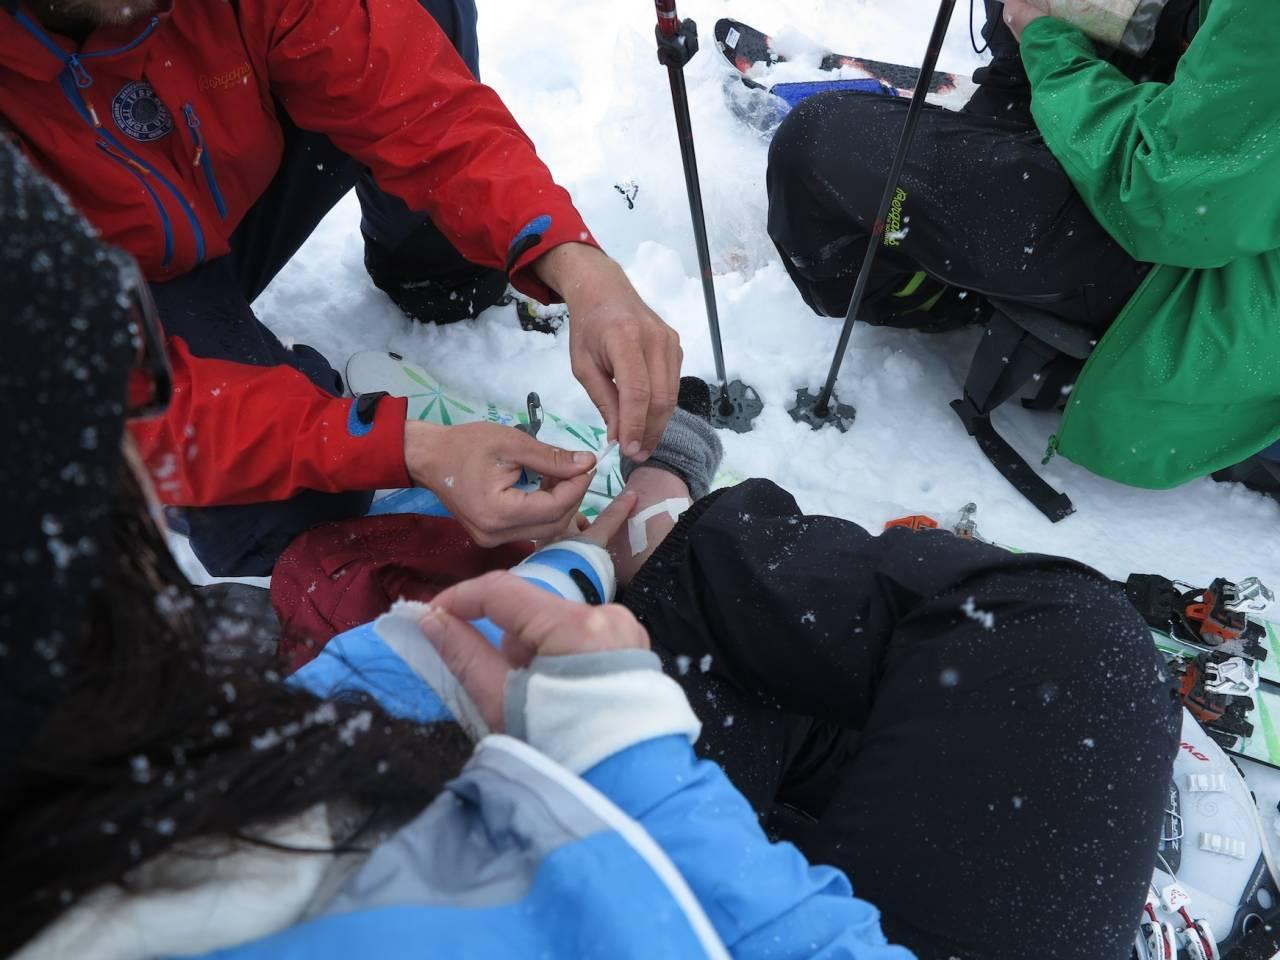 førstehjelp på tur fjellmedisin